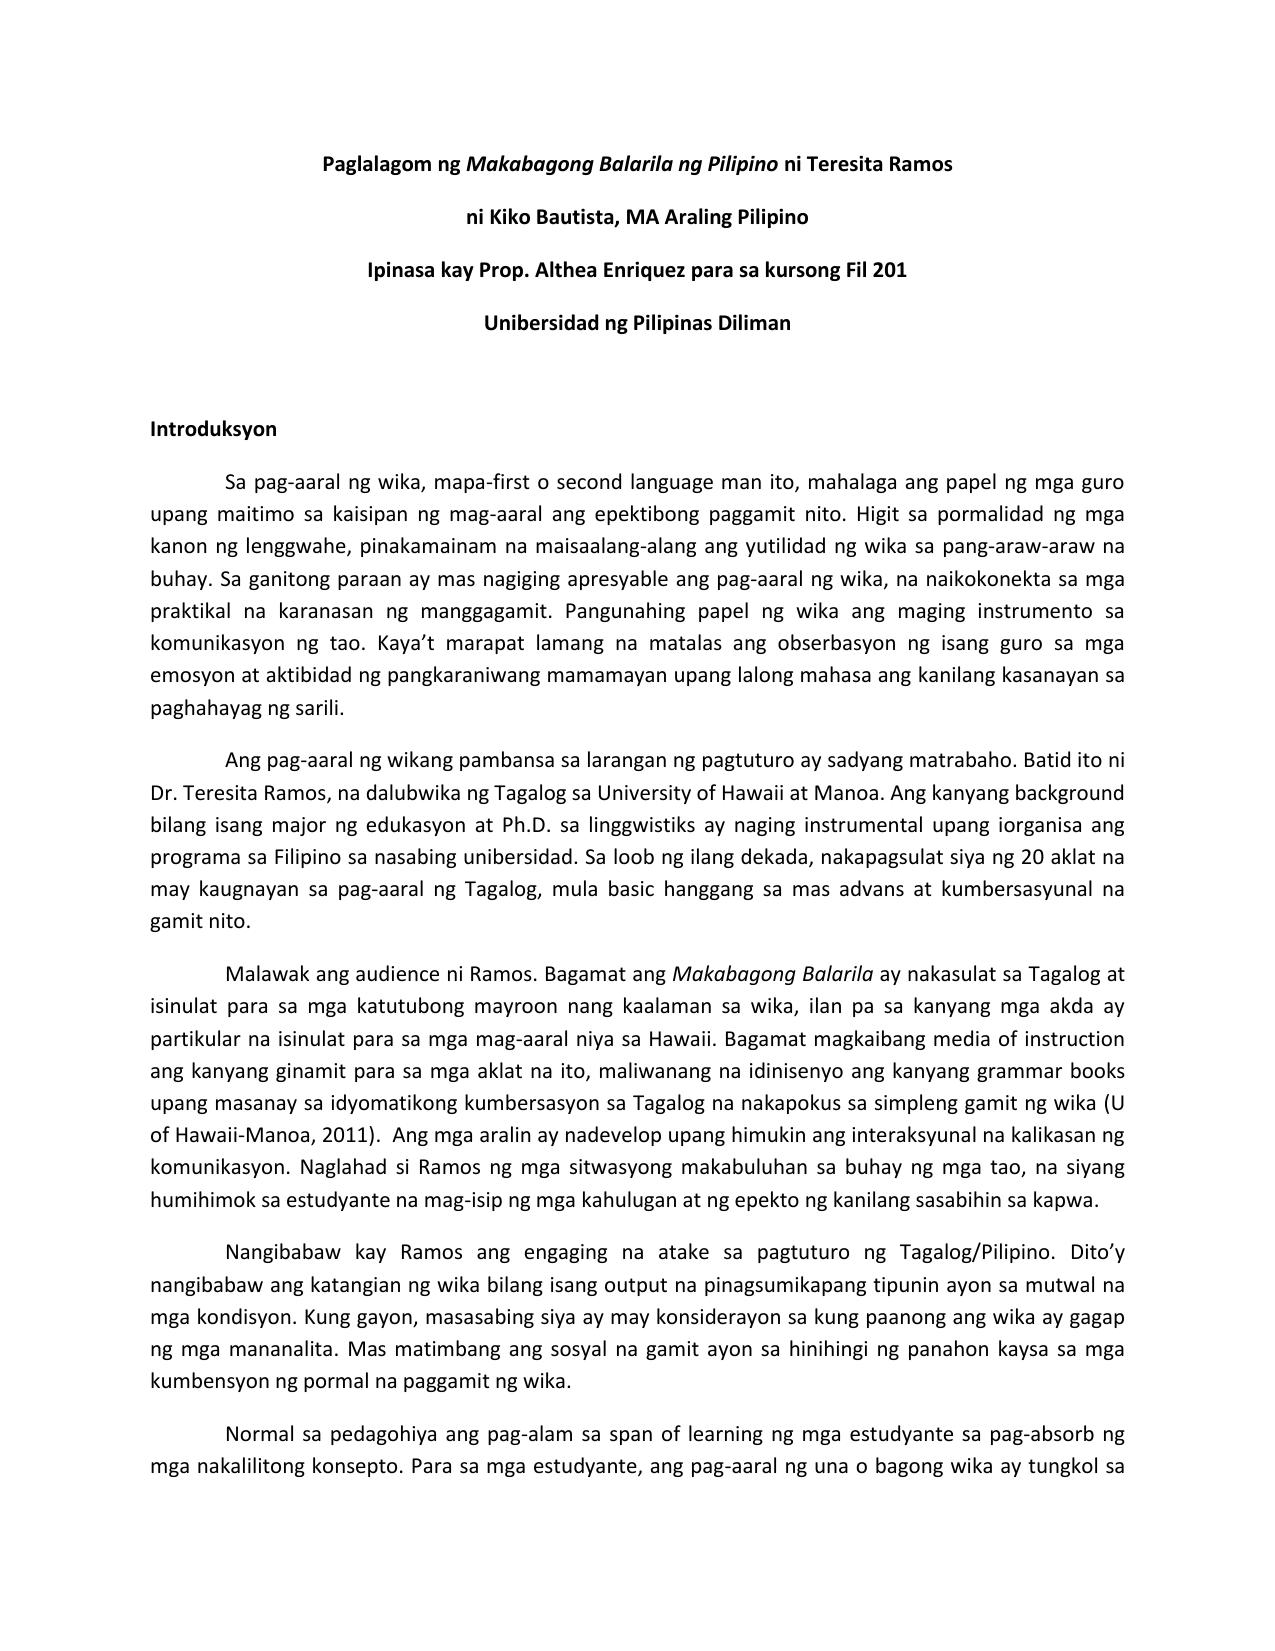 Paglalagom Ng Makabagong Balarila Ng Pil